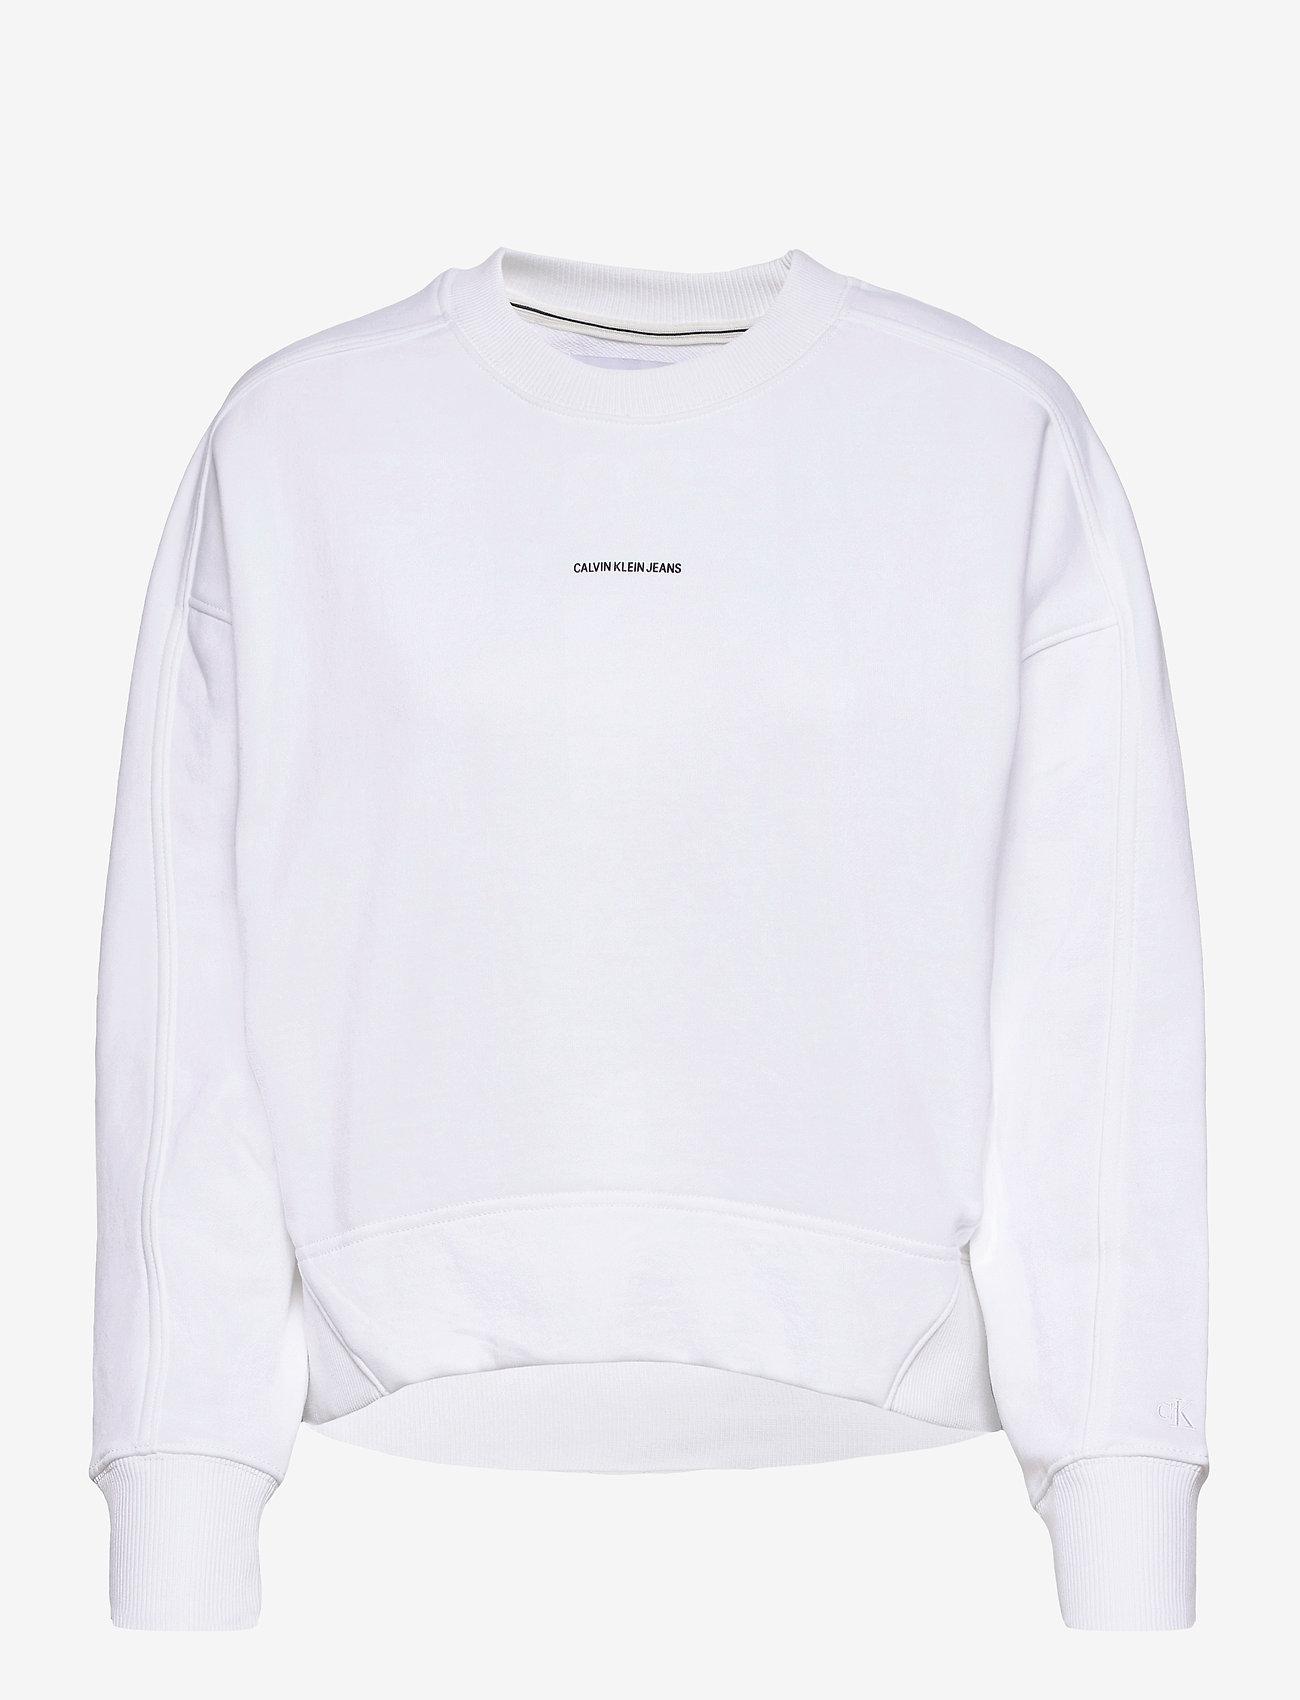 Calvin Klein Jeans - MICRO BRANDING SWEATSHIRT - gensere og hettegensere - bright white - 0